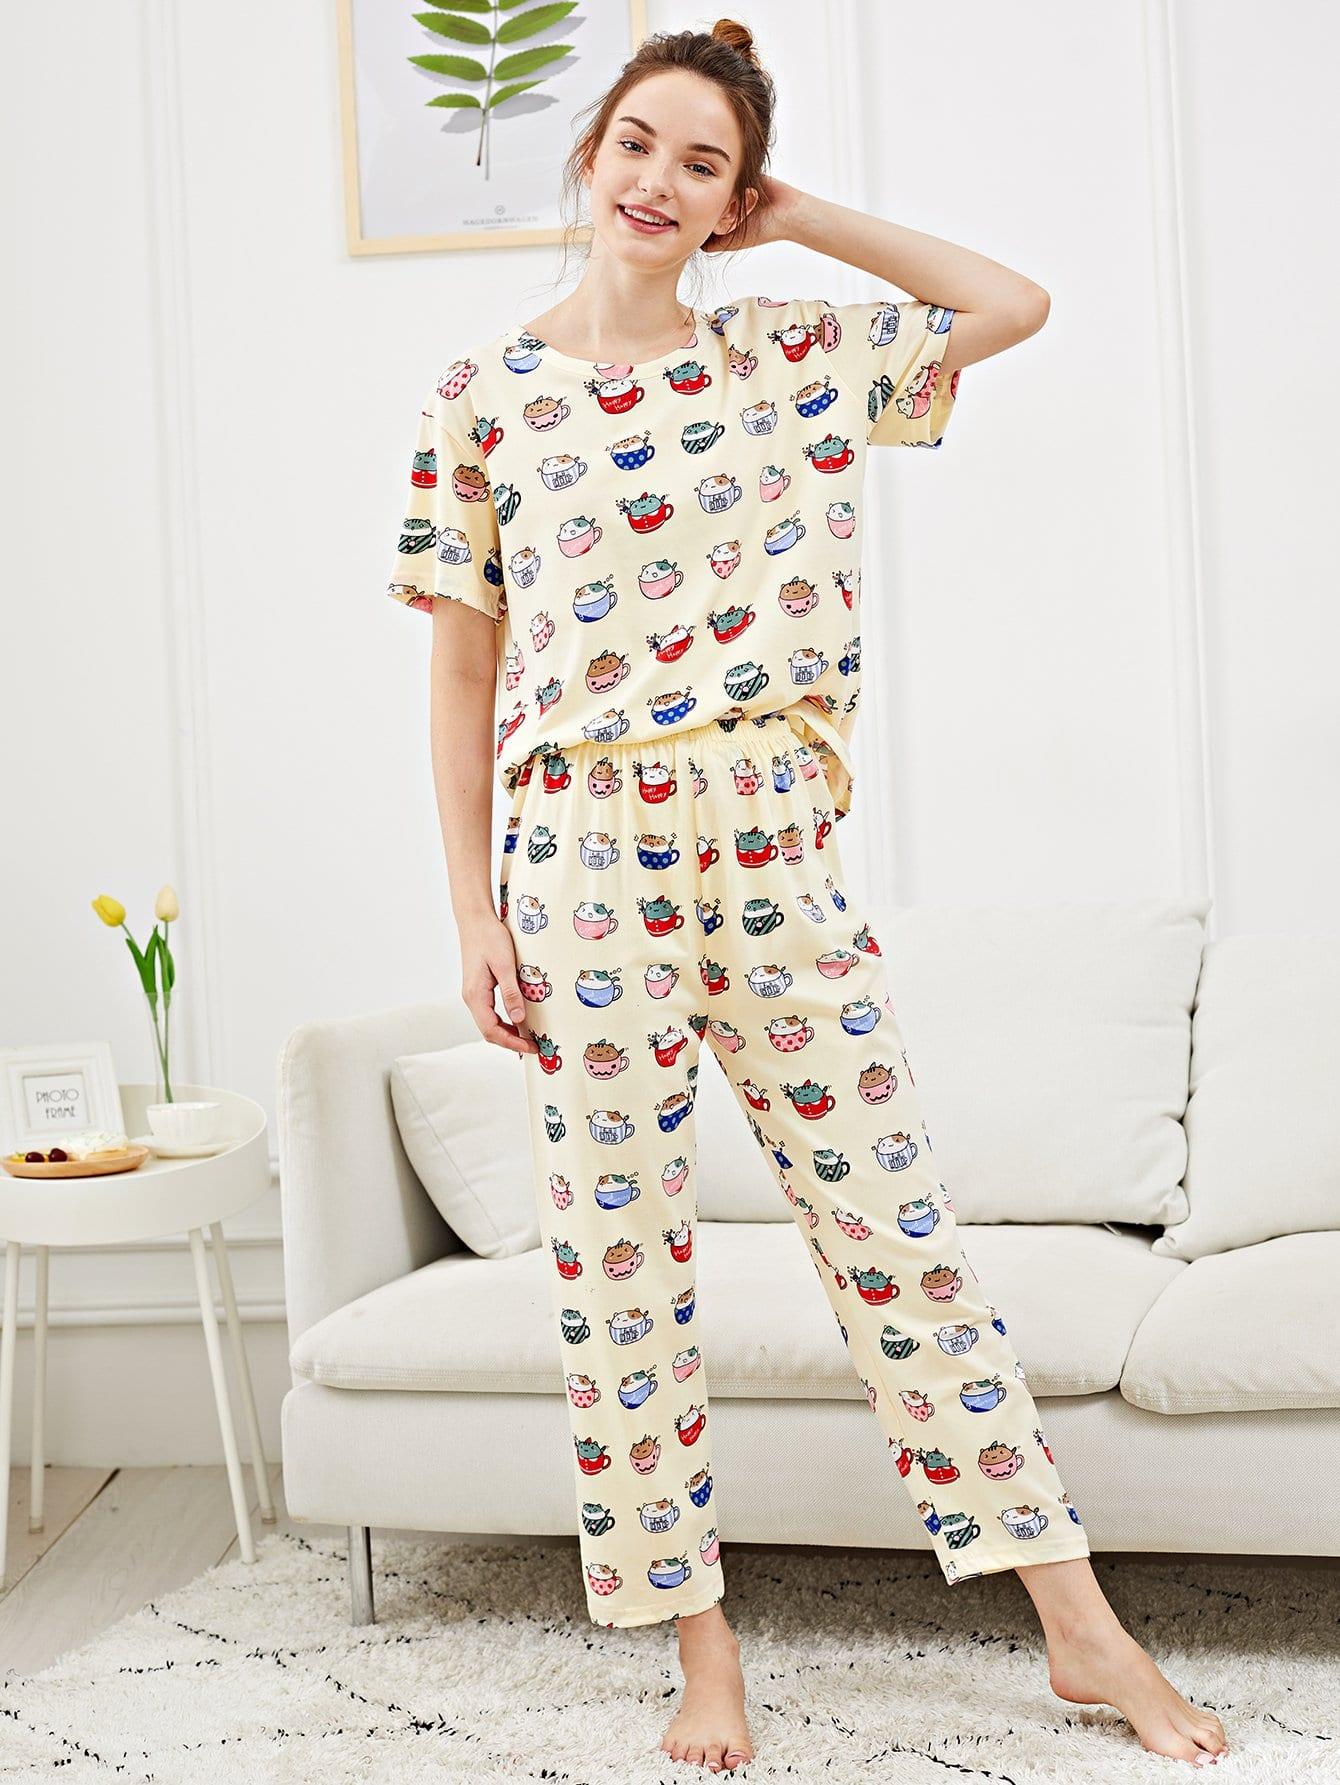 Купить Набор пижамы с рисунками котов, Tory, SheIn